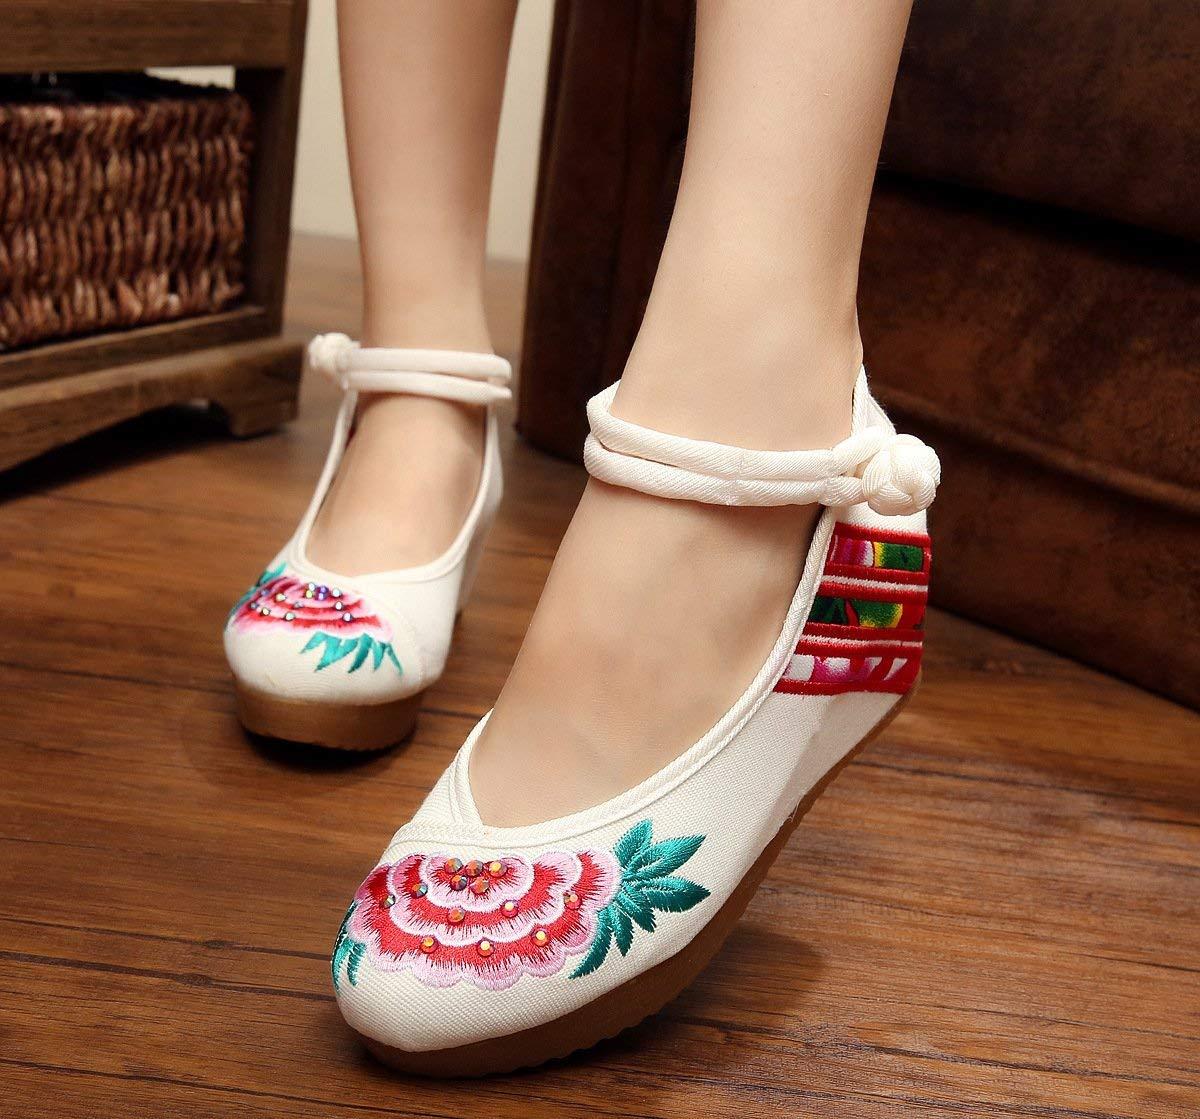 Fuxitoggo Bestickte Schuhe Leinen Sehnensohle Ethno-Stil Ethno-Stil Ethno-Stil Erhöhte Damenschuhe Mode bequem lässig weiß 37 (Farbe   - Größe   -) 3df1b8